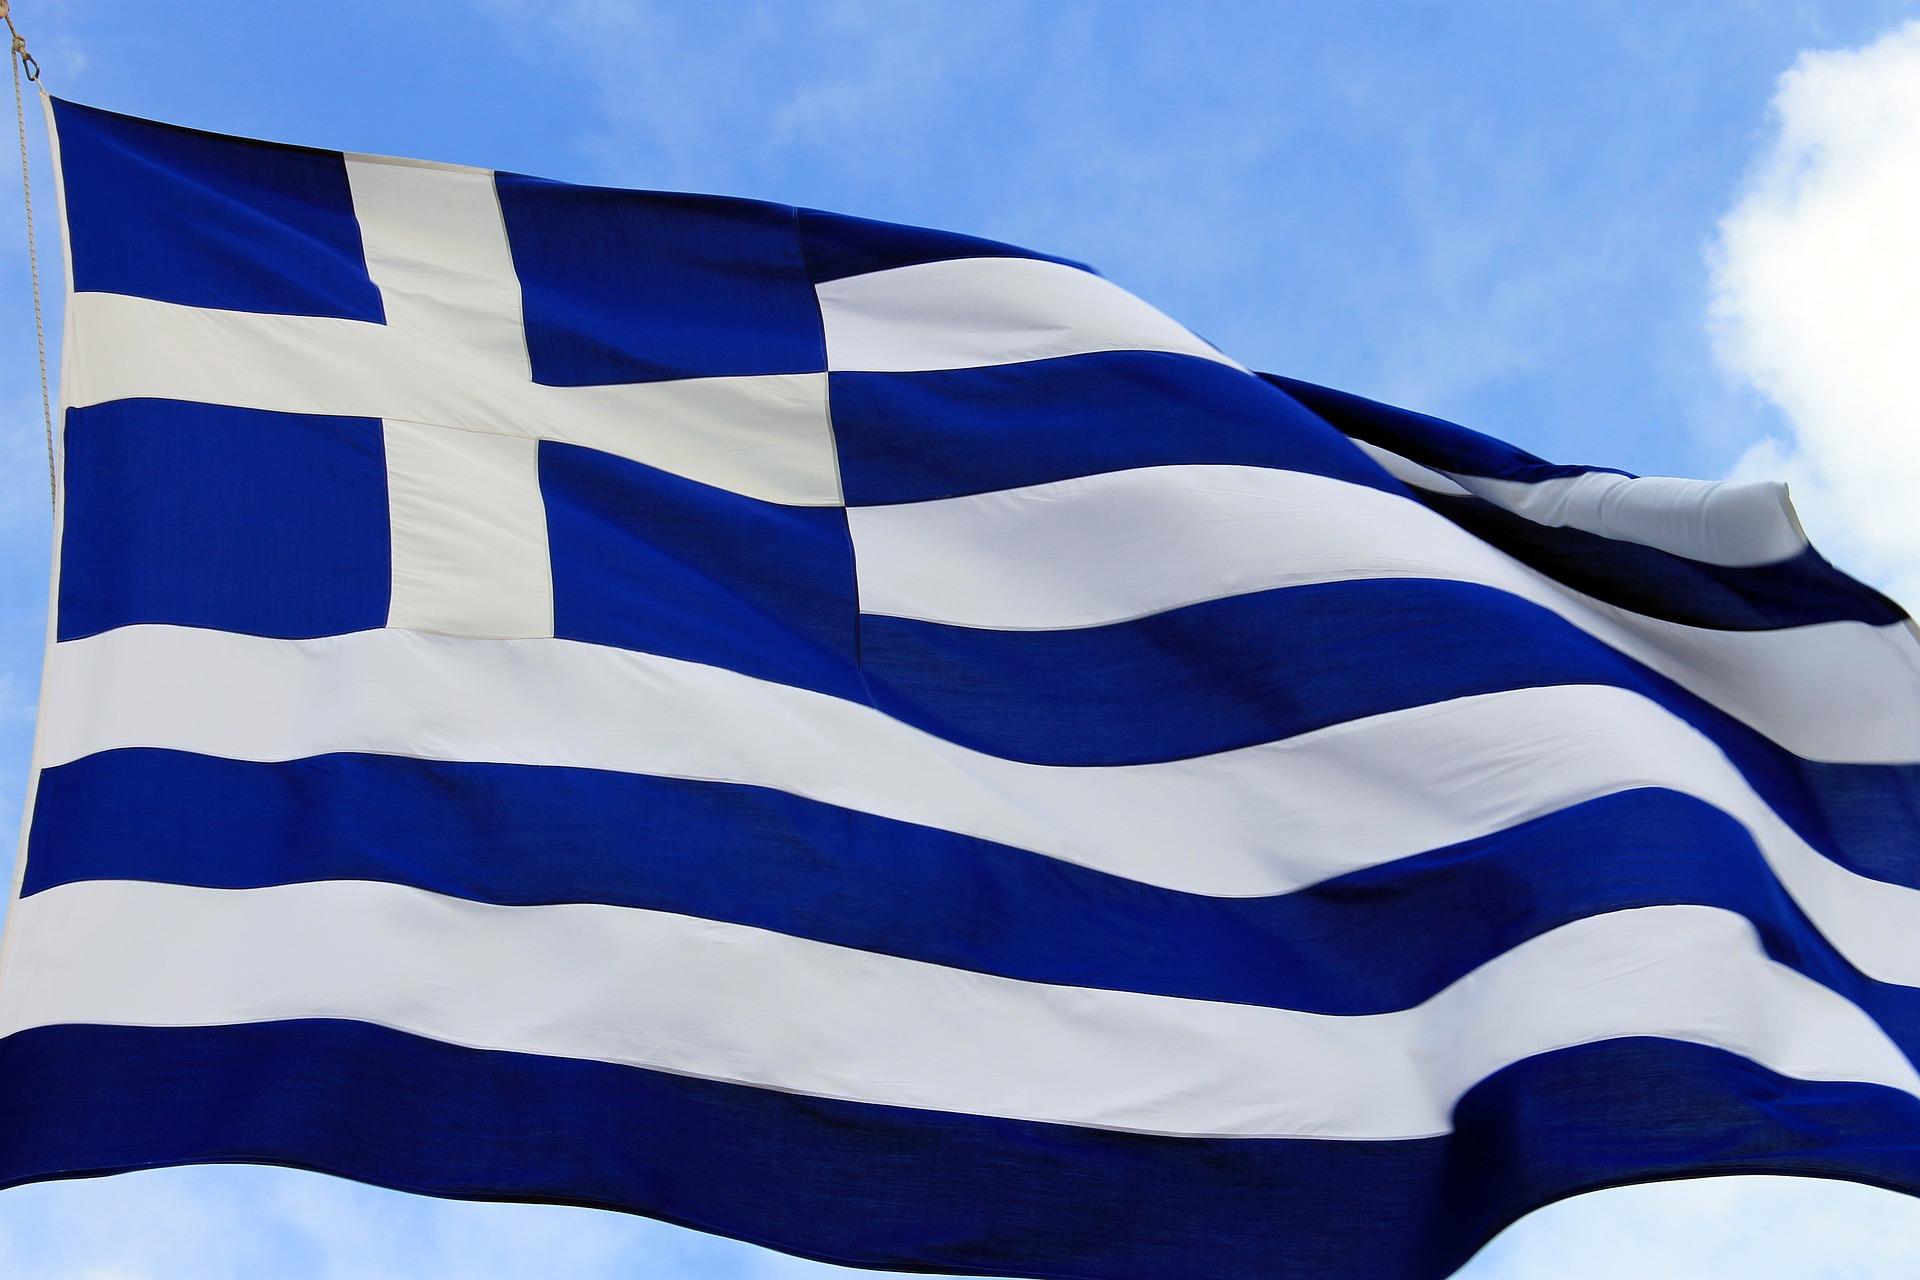 DALL'AUTORITA' PER LA PROTEZIONE DEI DATI DELLA GRECIA: Trattamento Dei Dati Personali Assicurati Da Una Compagnia Di Assicurazioni